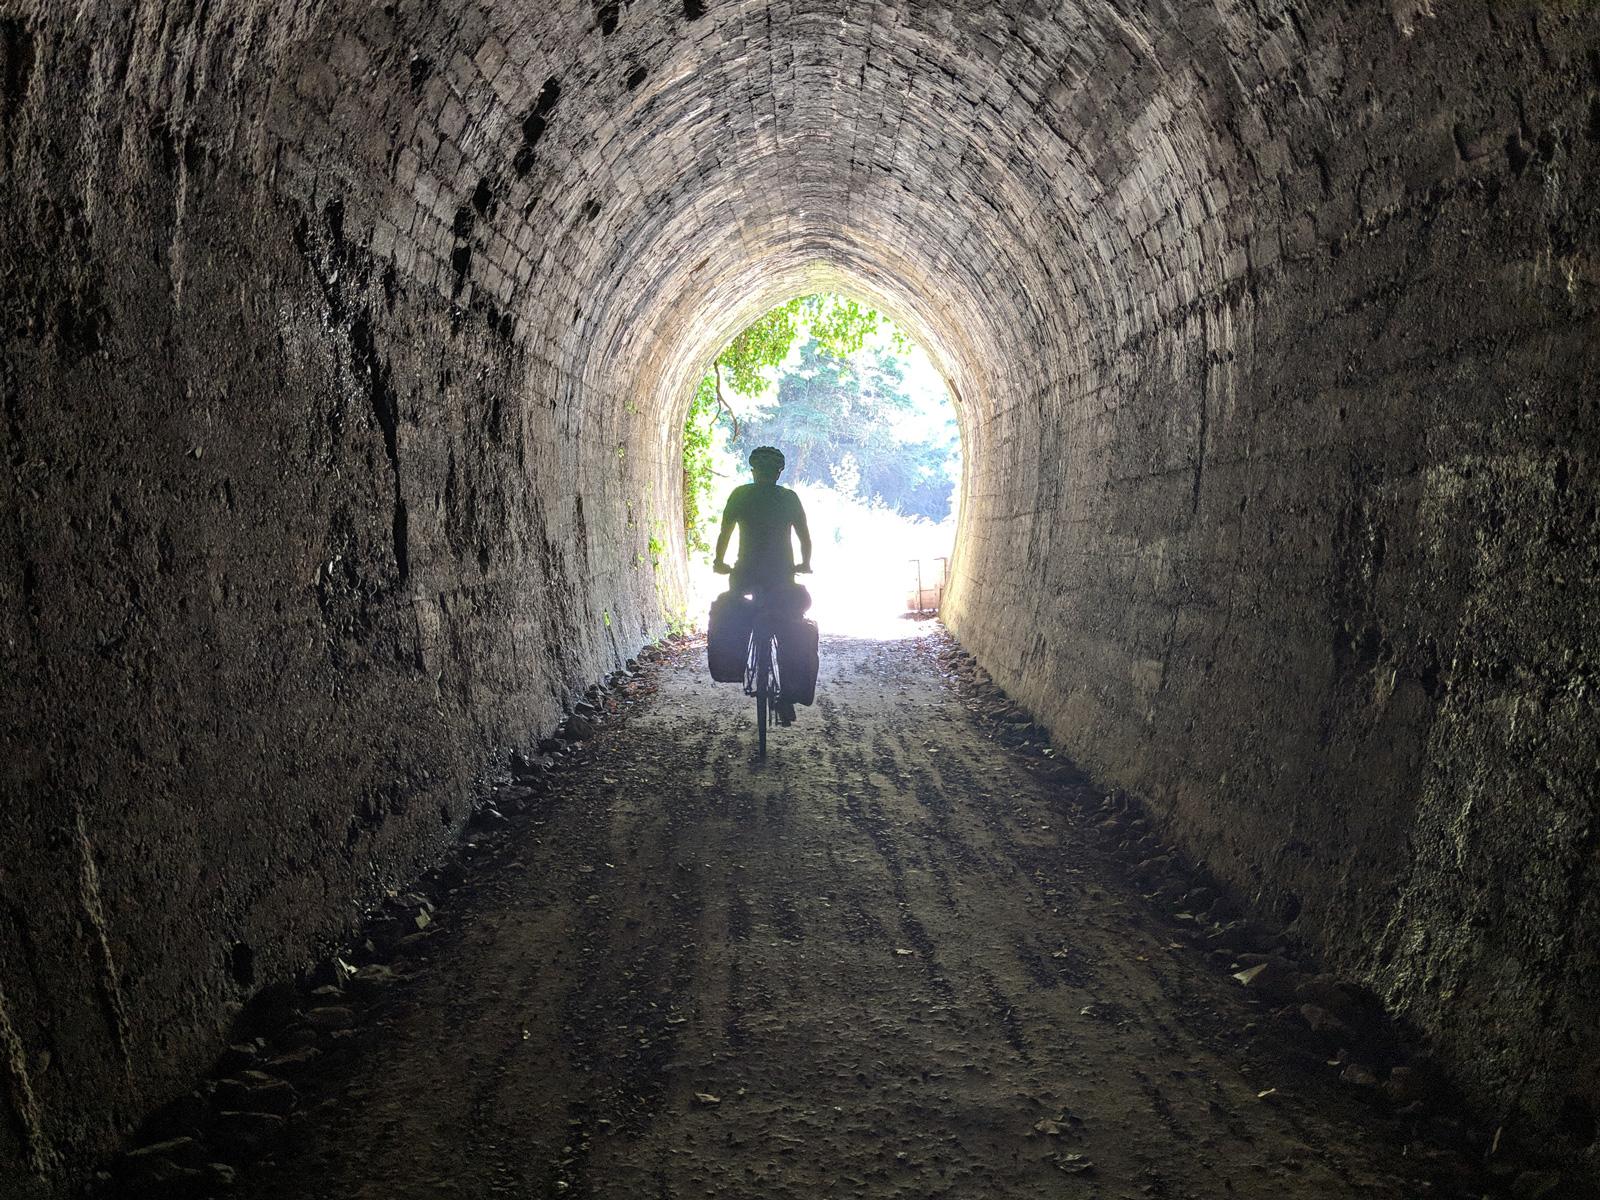 Spooners Tunnel. Belgrove, New Zealand